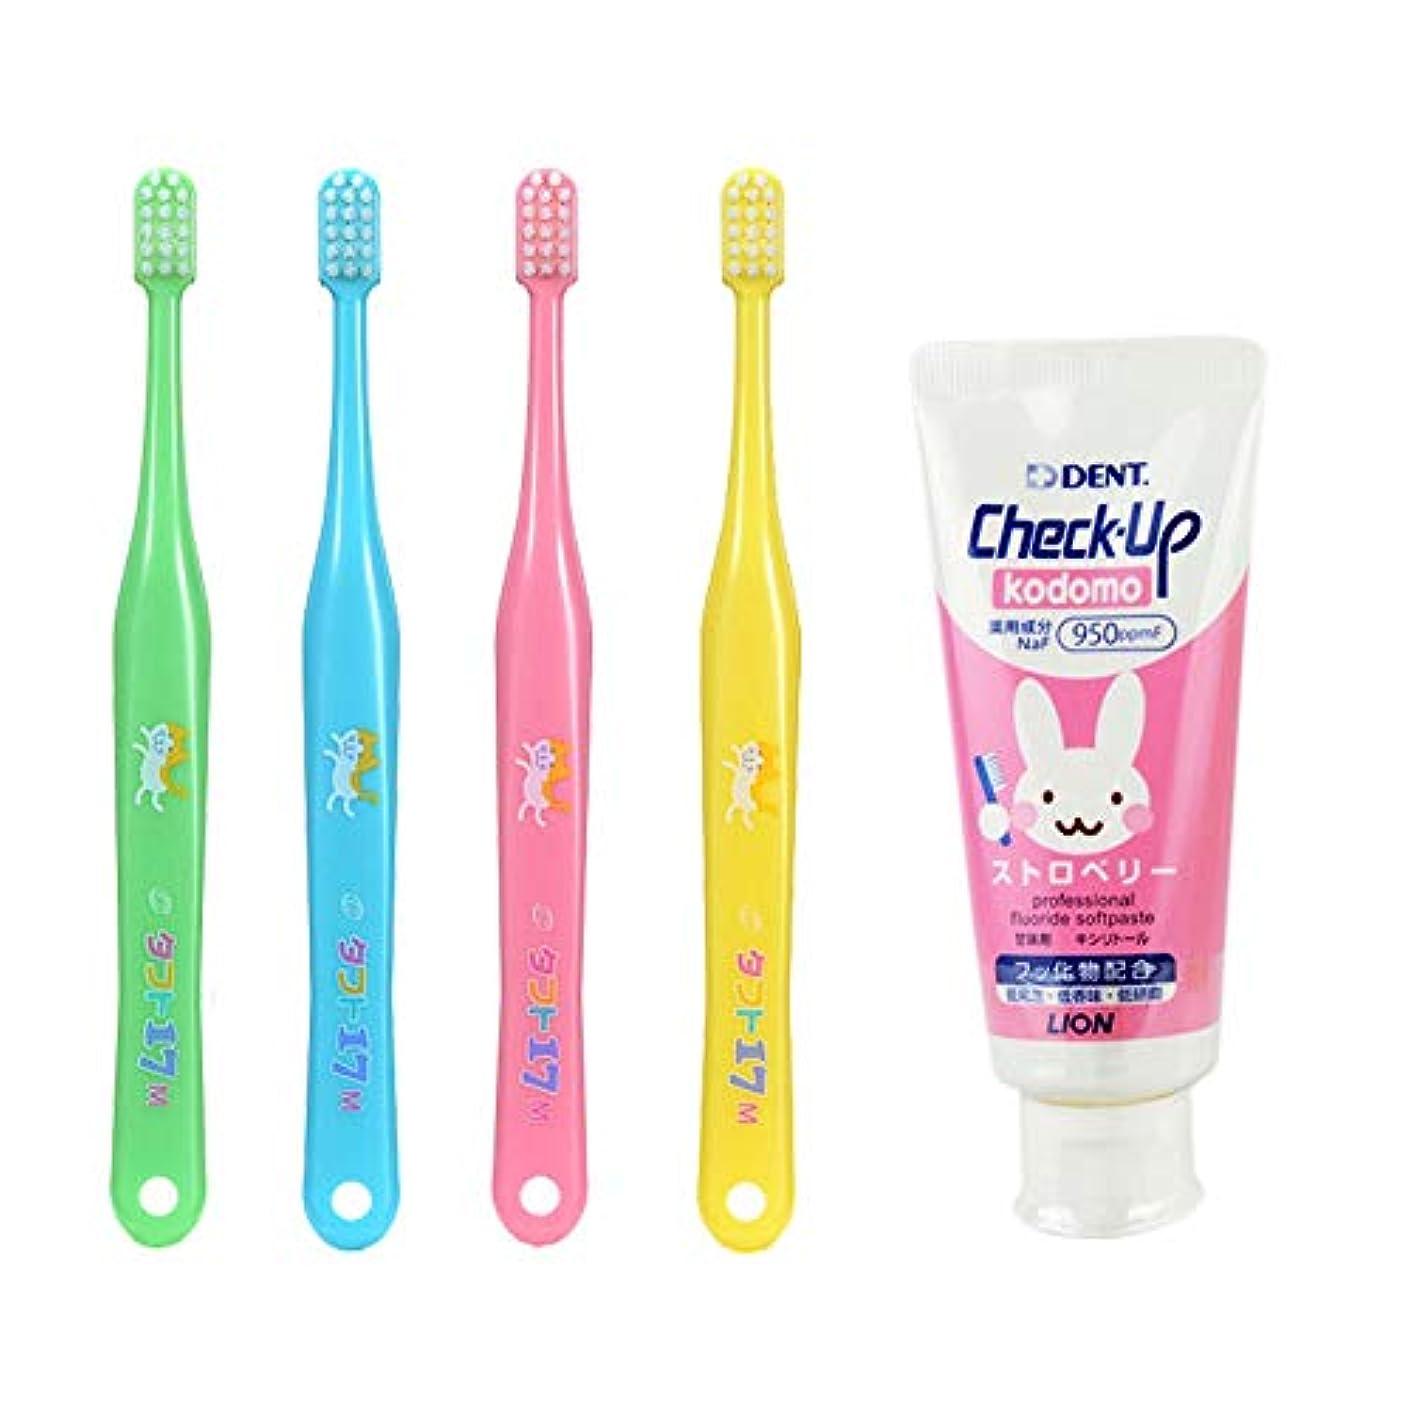 タフト17 M(ふつう) 子ども 歯ブラシ 10本 + チェックアップ コドモ 60g (ストロベリー) 歯磨き粉 歯科専売品